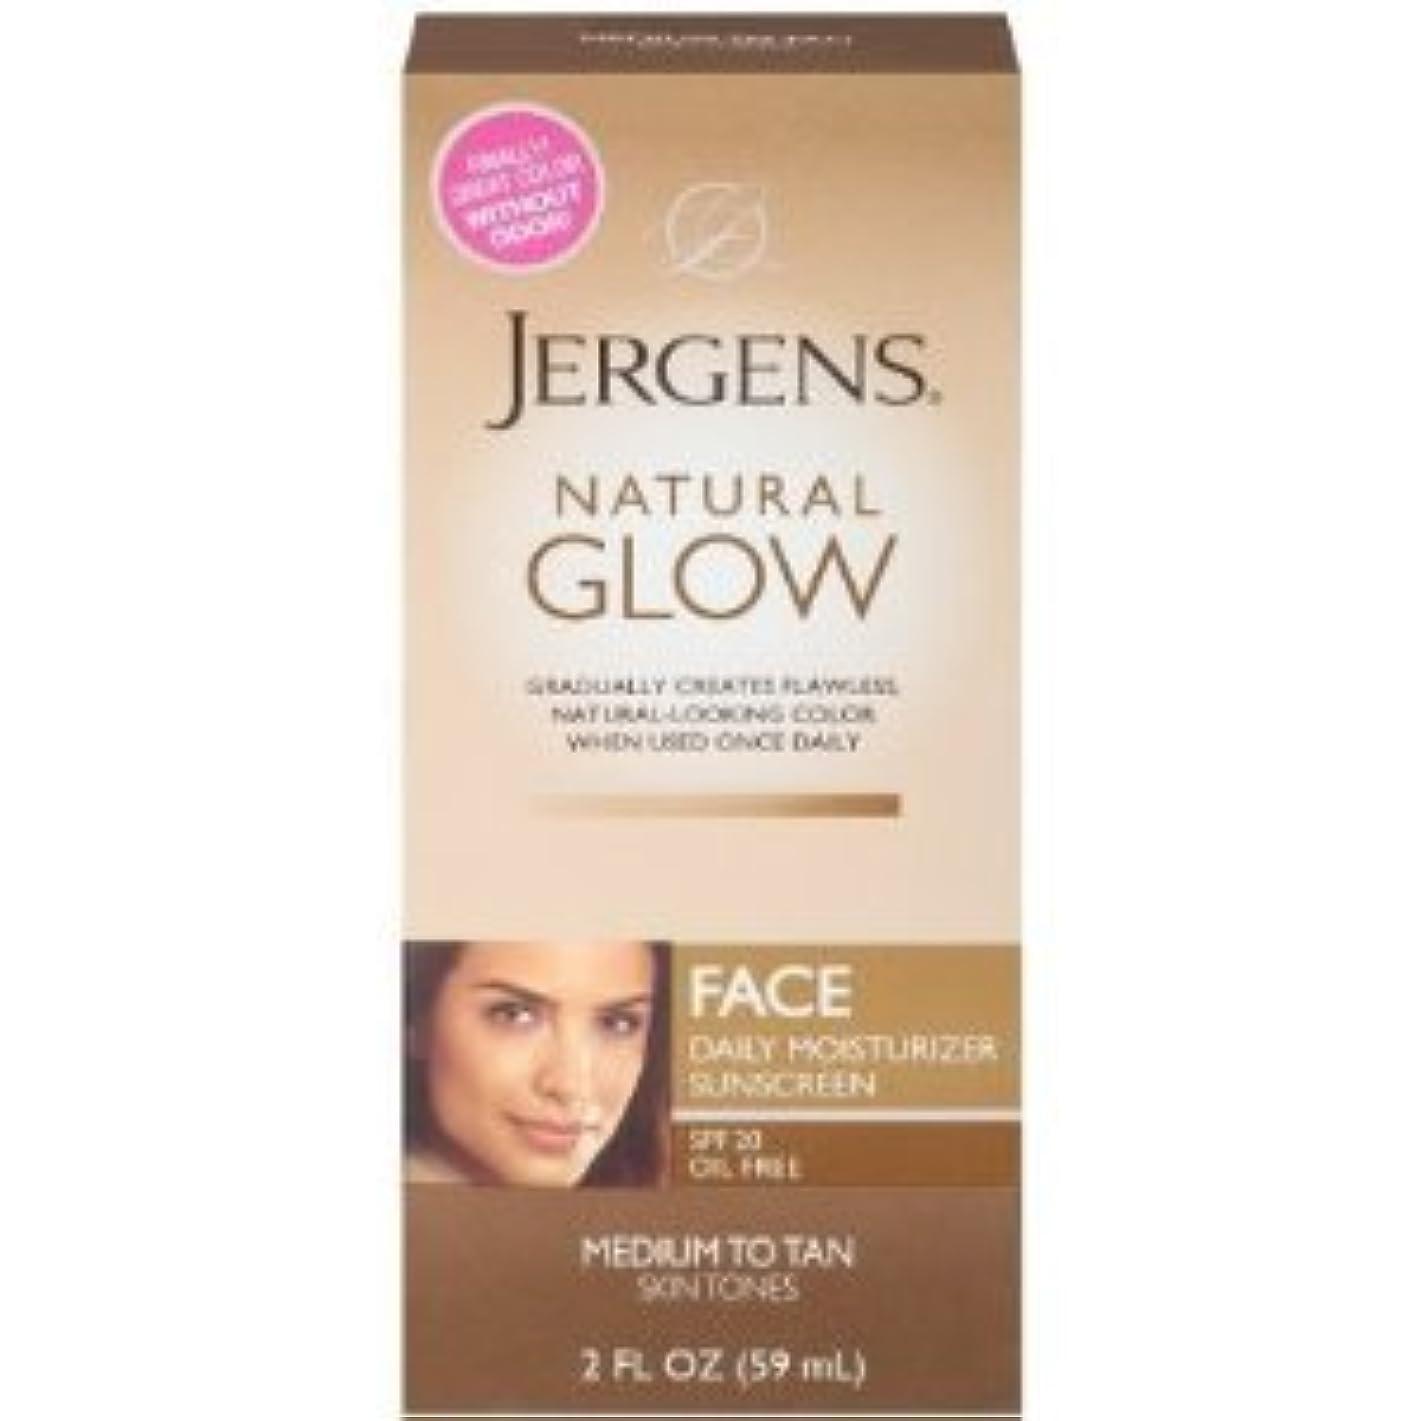 遺棄された扇動する承知しましたNatural Glow Healthy Complexion Daily Facial Moisturizer, SPF 20, Medium to Tan, (59ml) (海外直送品)